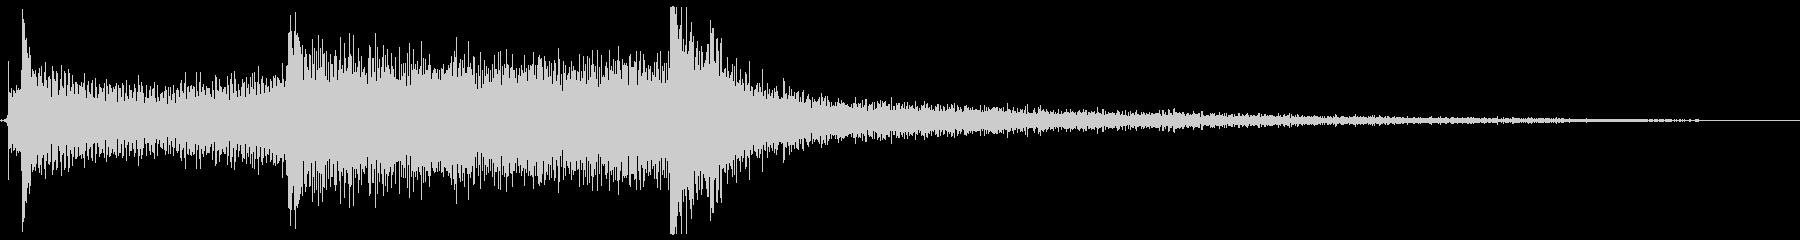 ハイテクドアコンプ3の未再生の波形